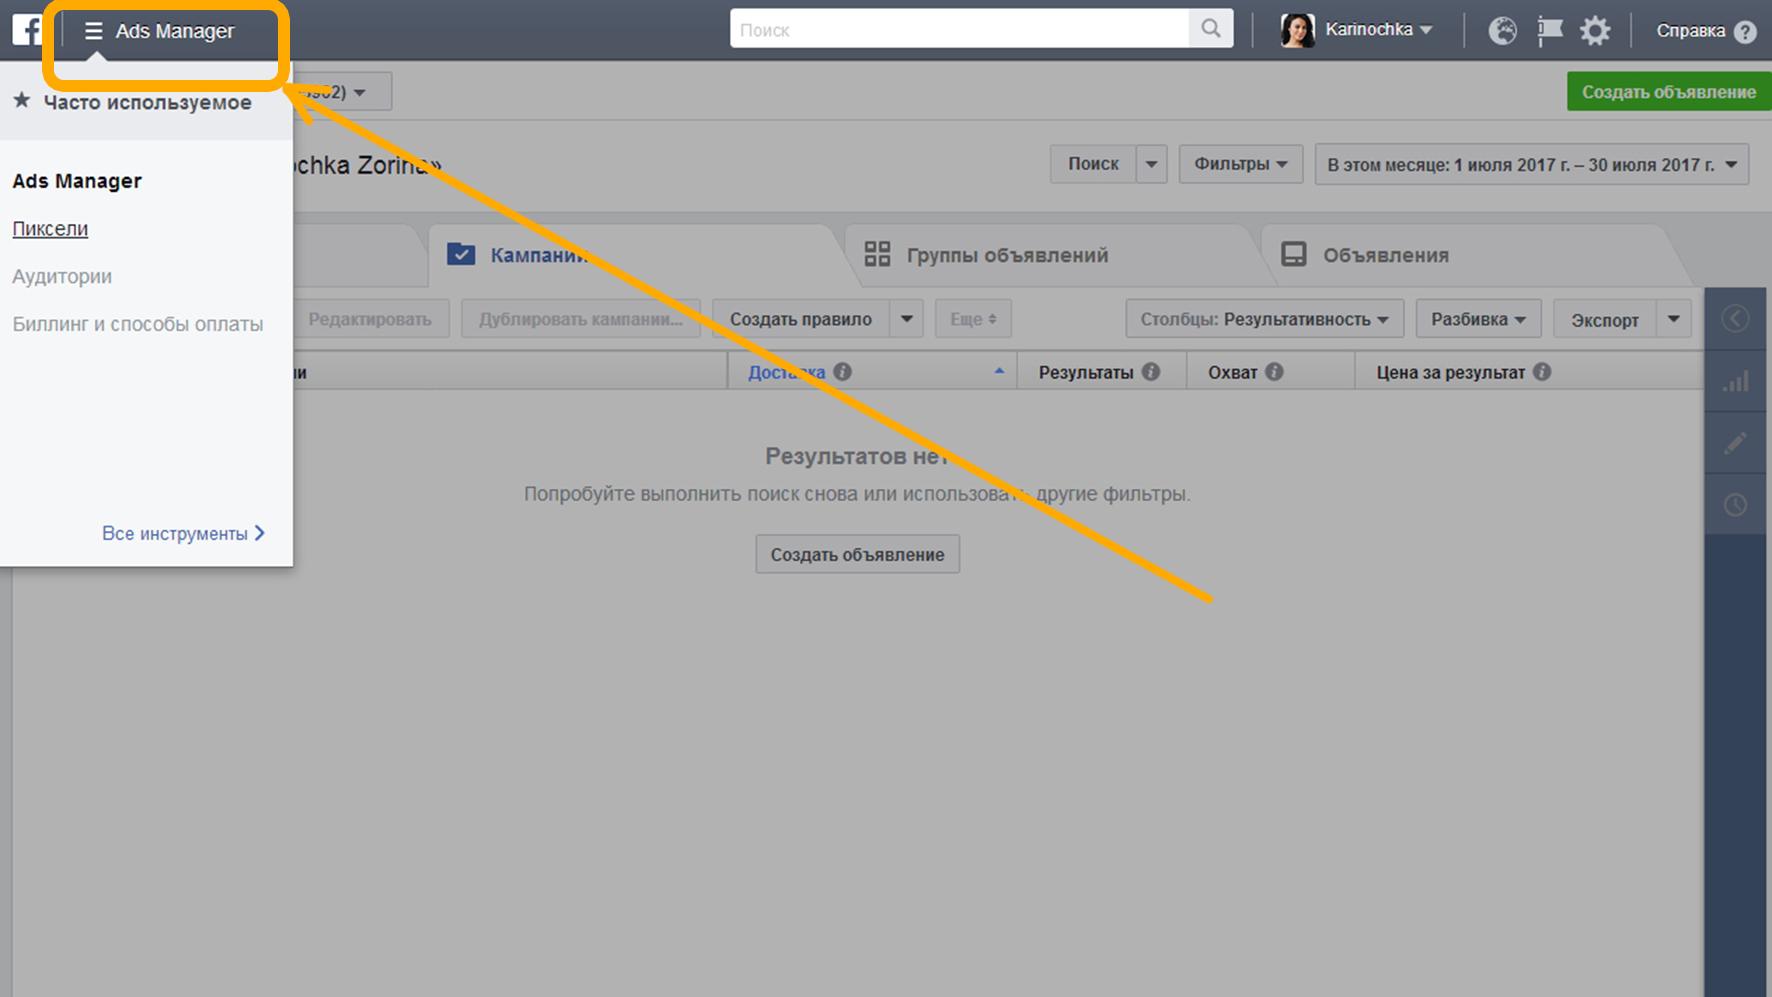 Изображение кнопки, поясняющей каким образом можно получить доступ к меню категорий